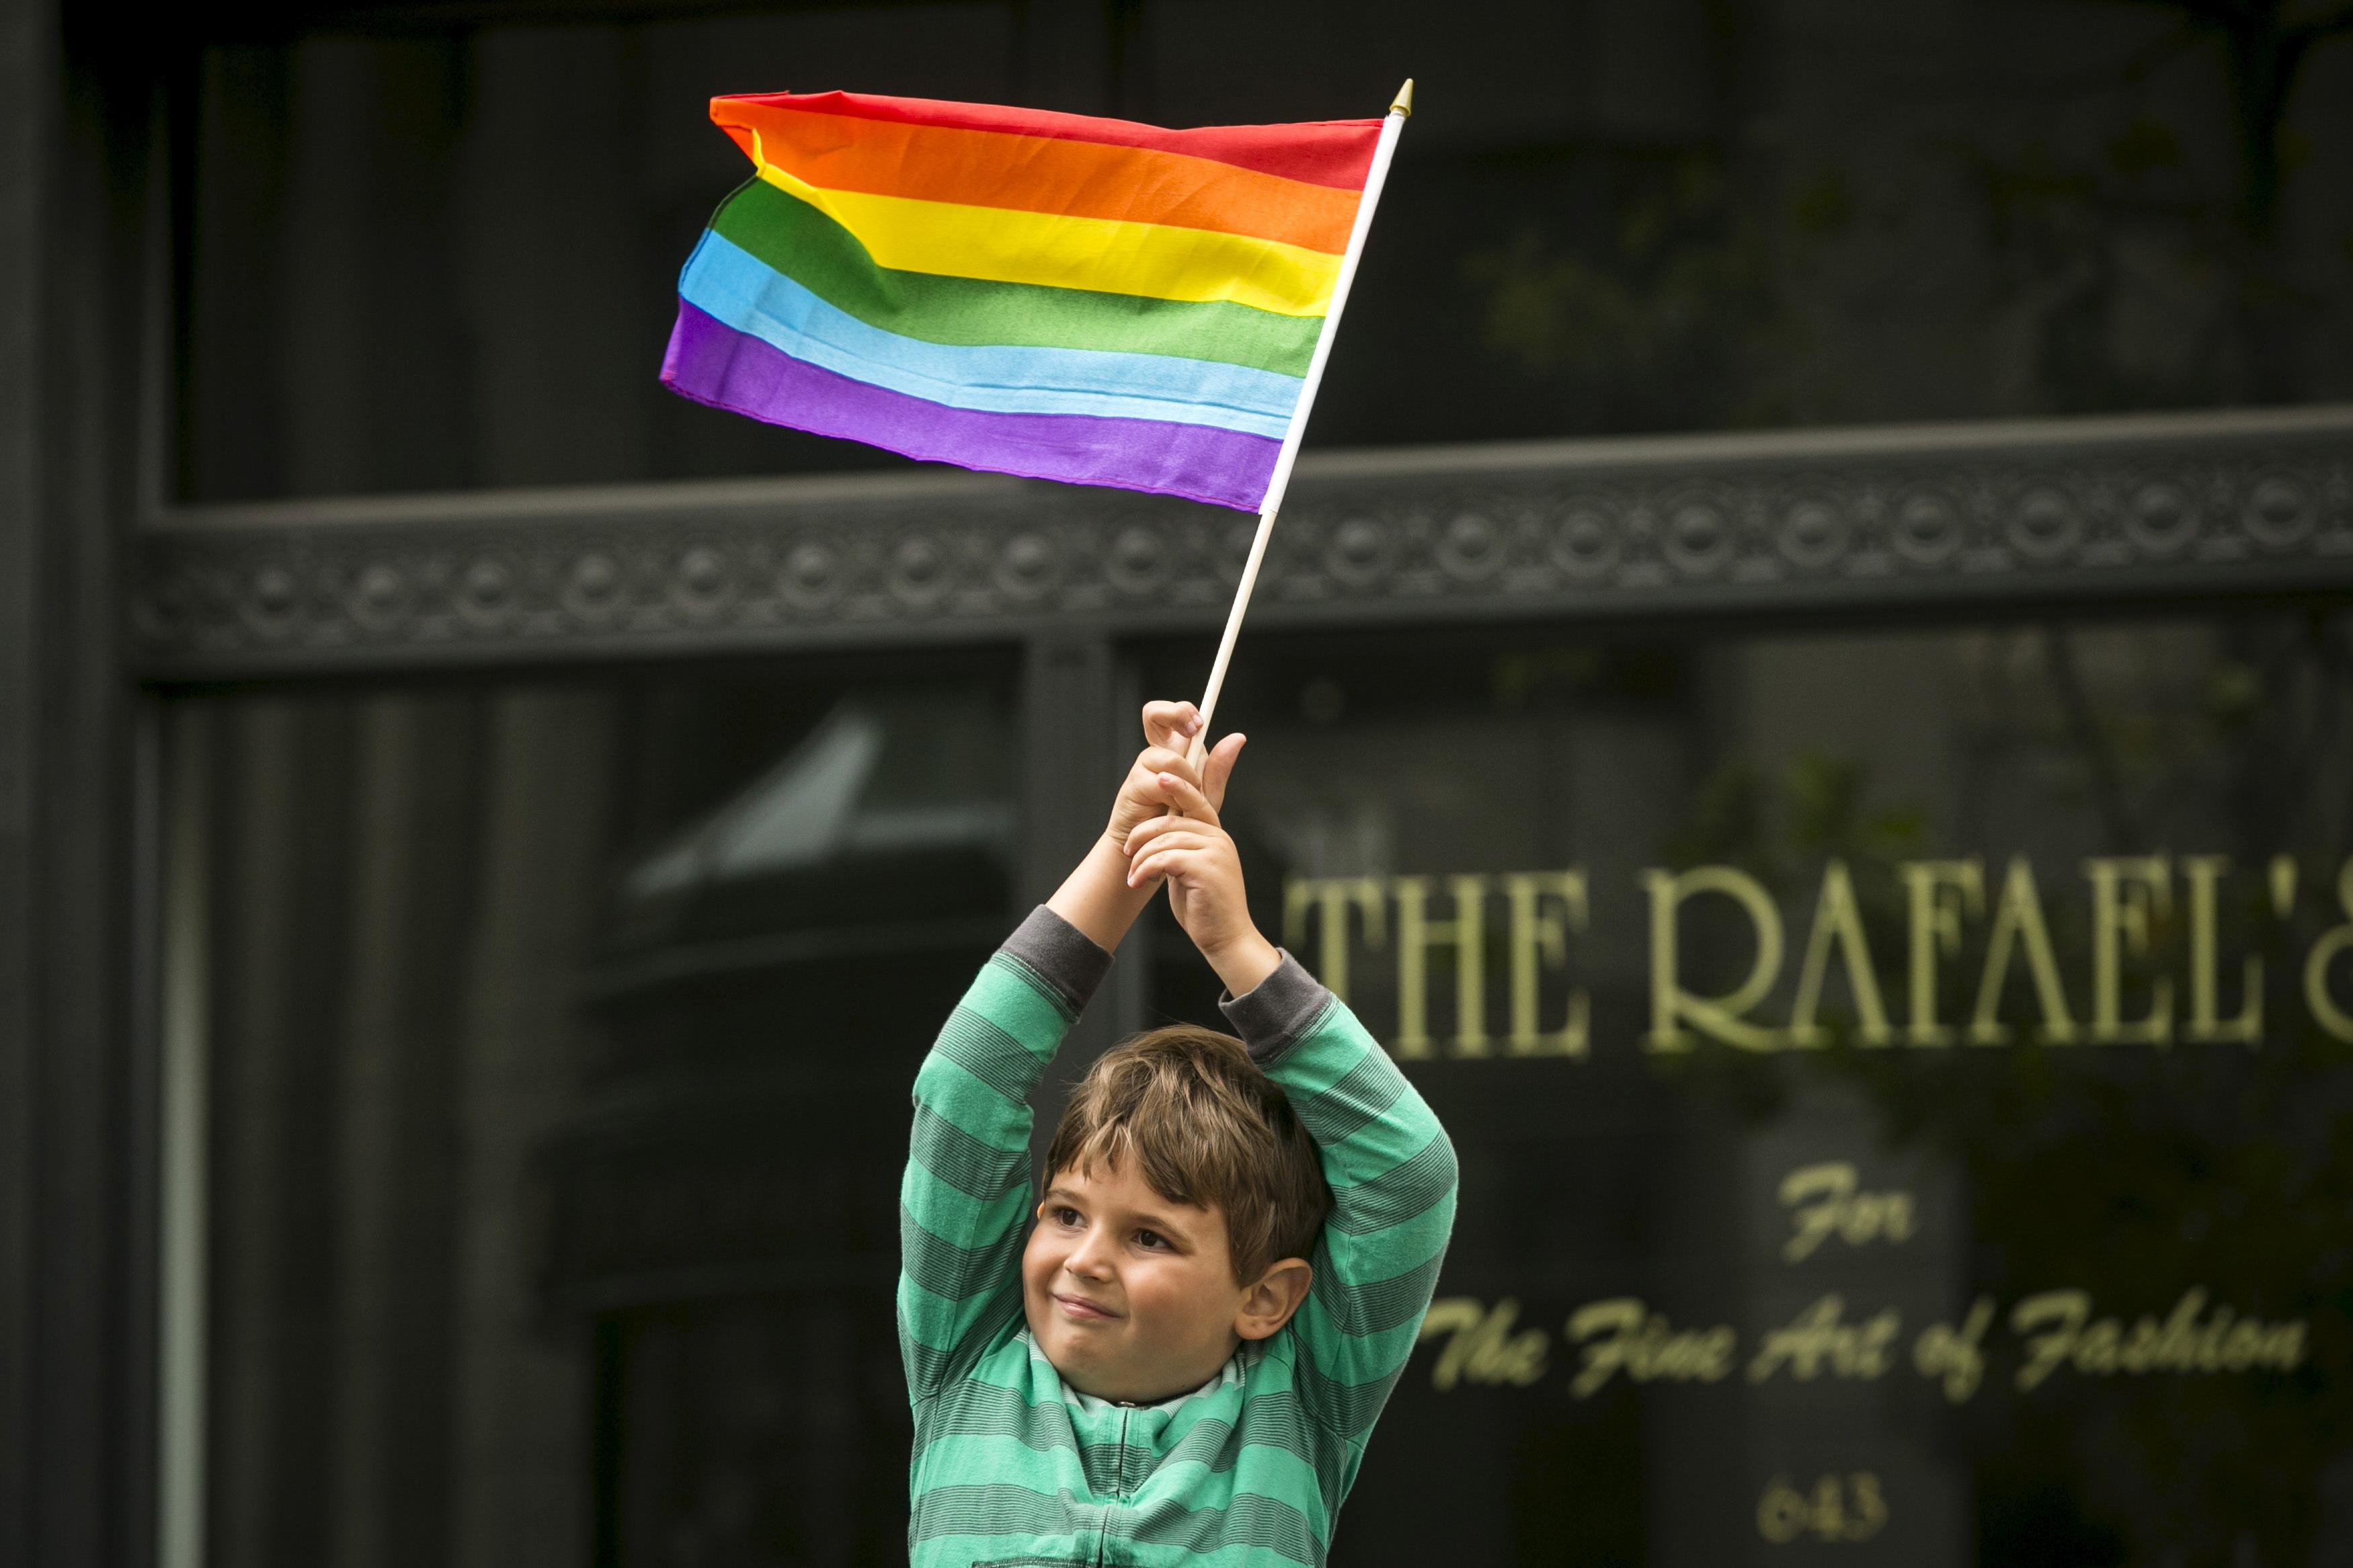 Malta Gay Dönüşüm Terapisini Yasaklayan İlk Avrupa Ülkesi Oldu